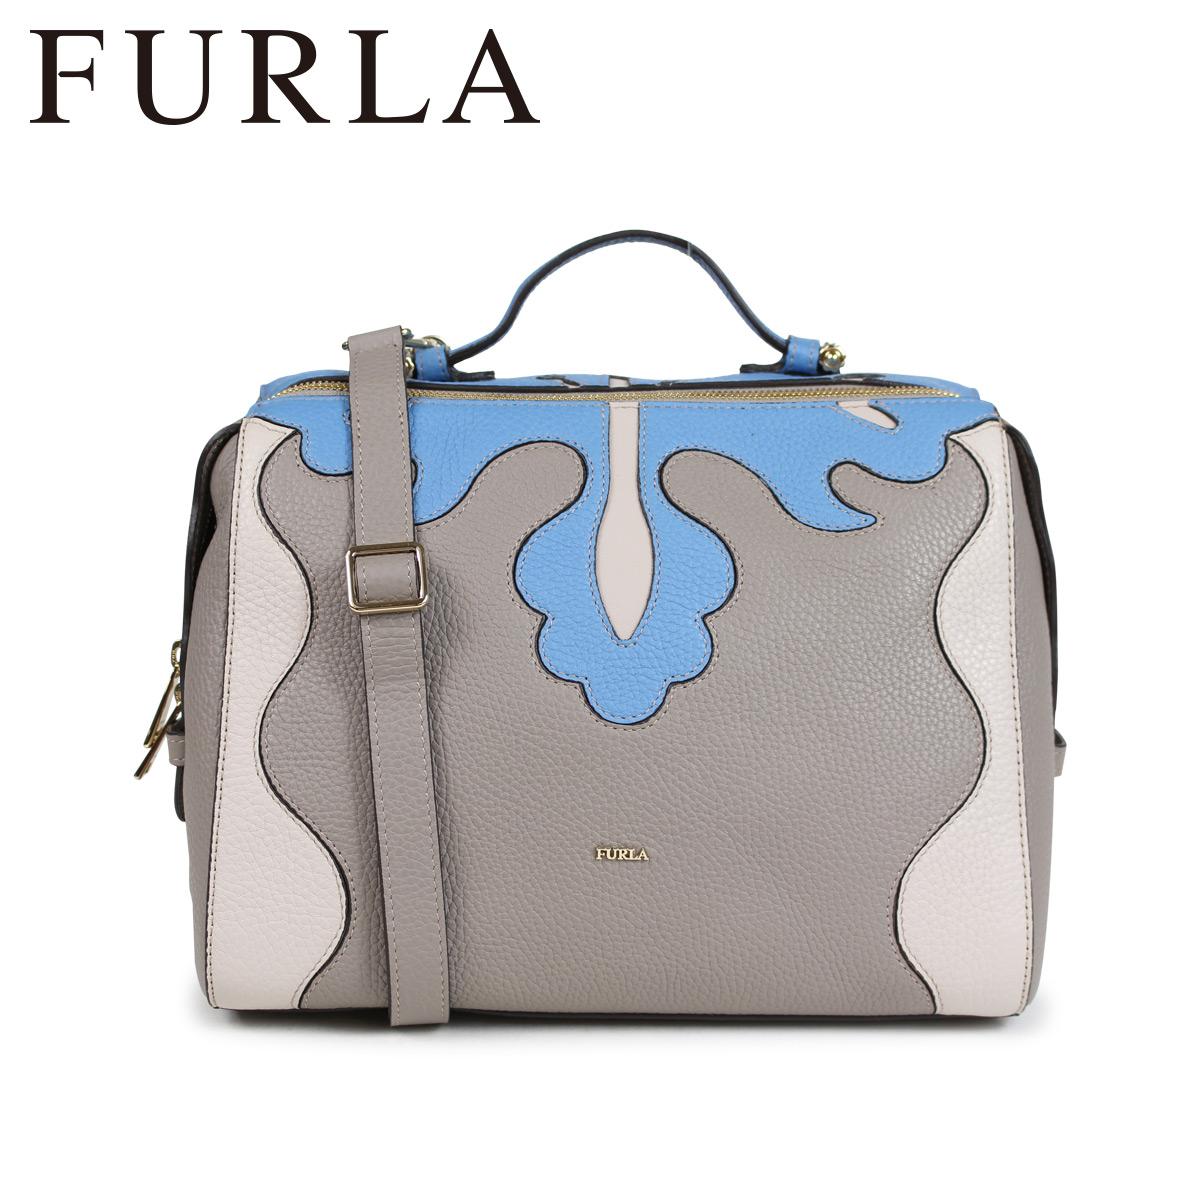 FURLA EXCELSA TOP HANDLE BAG フルラ バッグ ハンドバッグ ショルダー レディース ライトグレー 961824